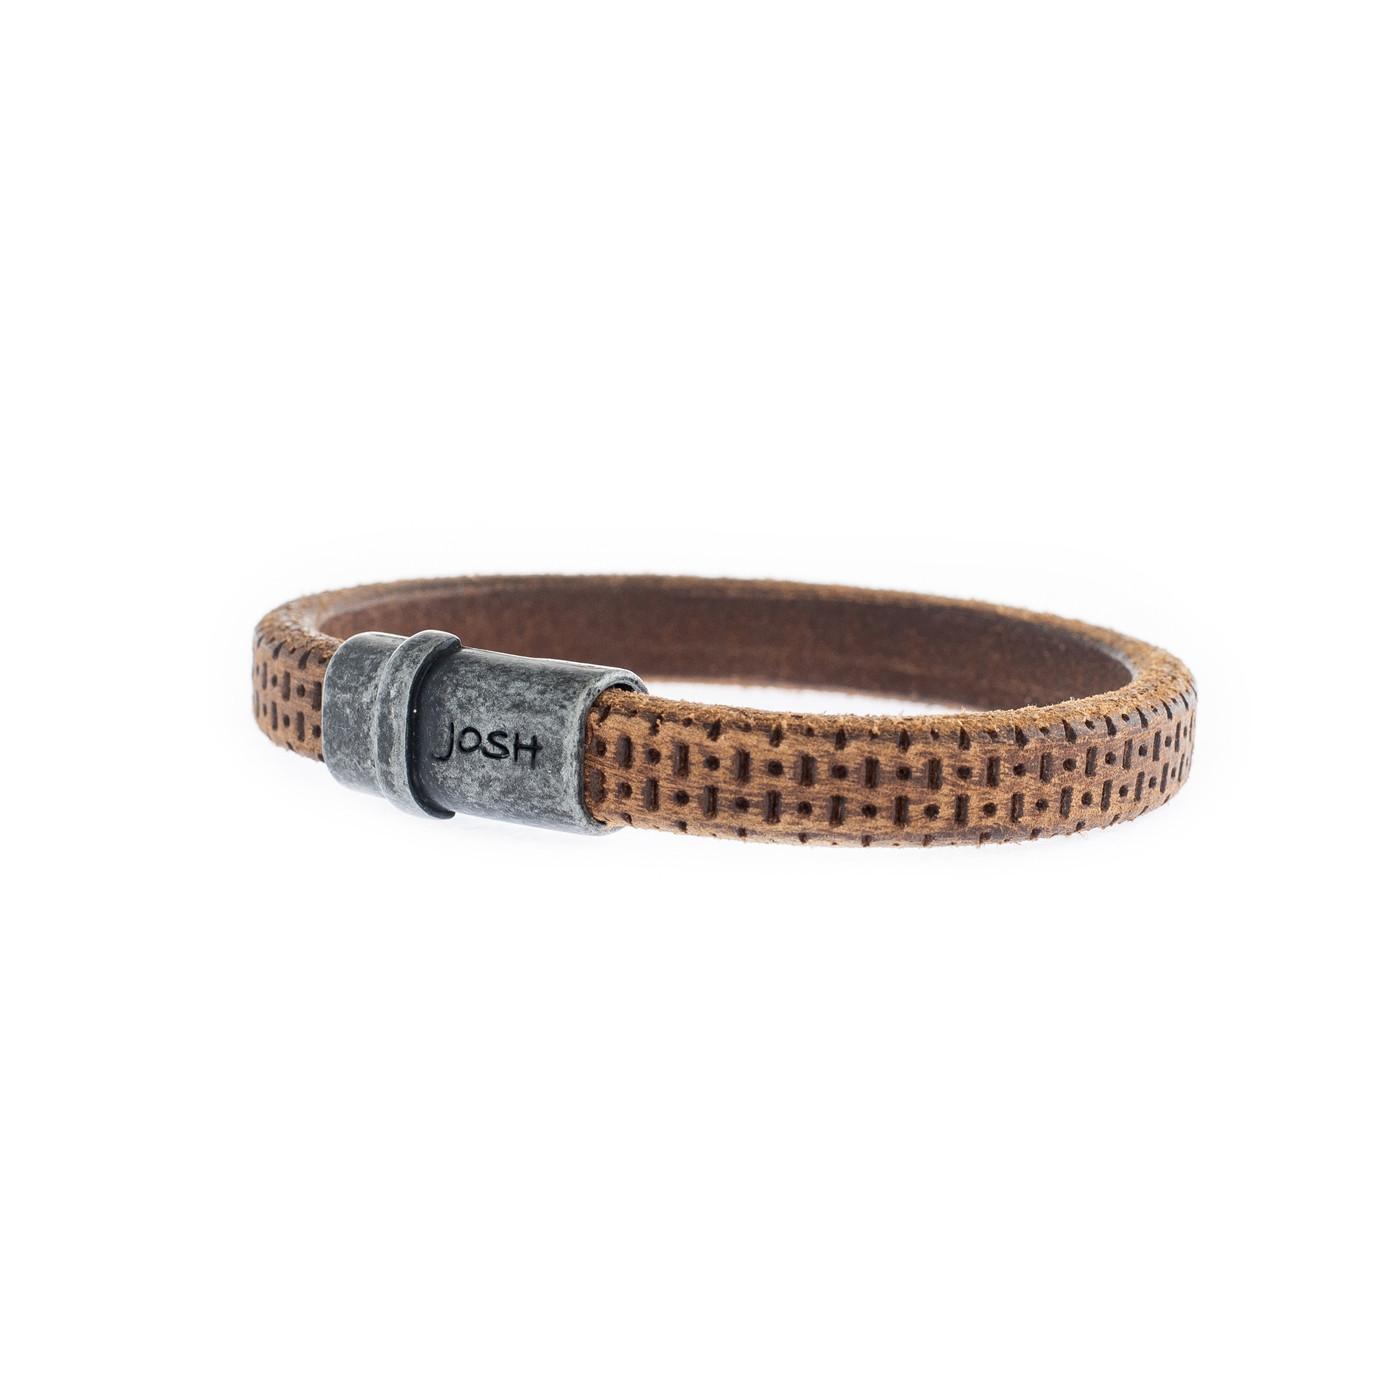 Josh Vintage Black-Cognac Armband 9205-VB-COGNAC (Lengte: 21.00-23.00 cm)